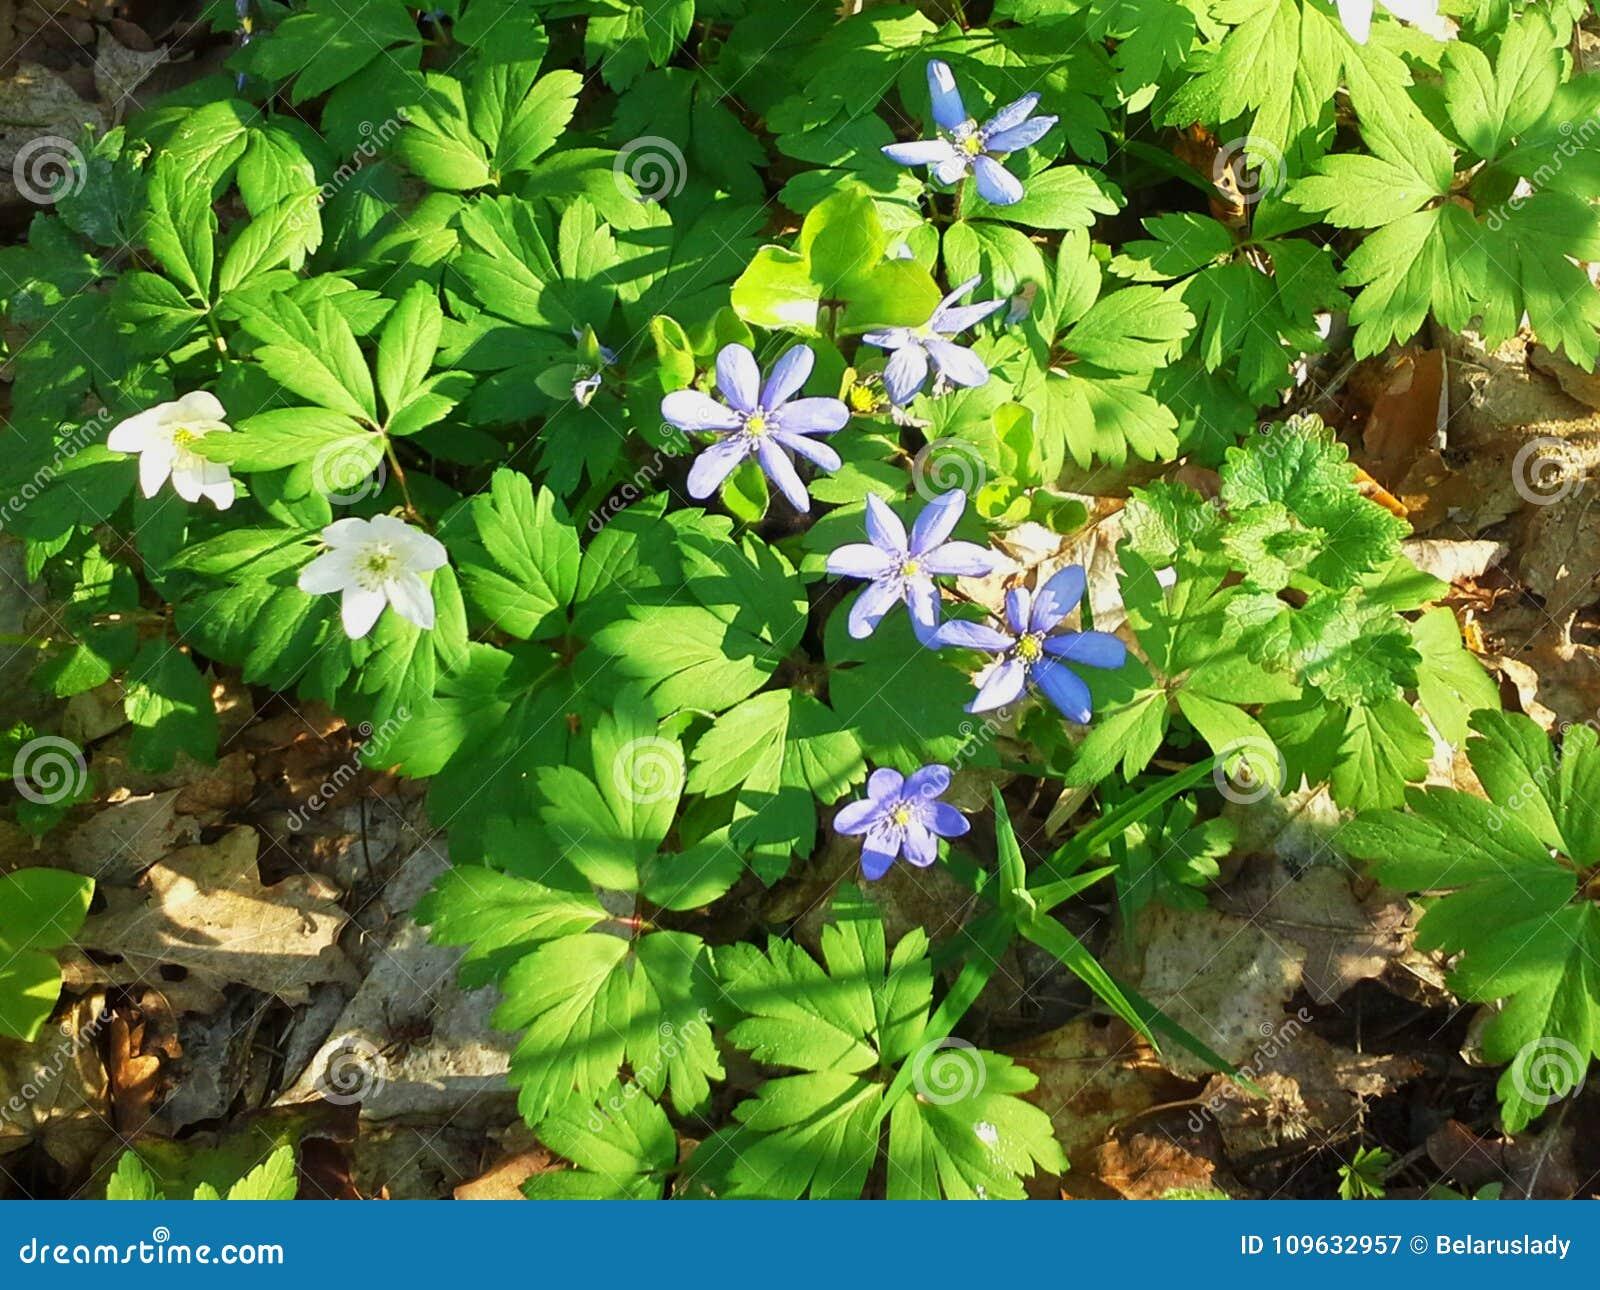 Wiosna kwiaty, biały anemon i błękitna porostnica, Hepatica nobilis